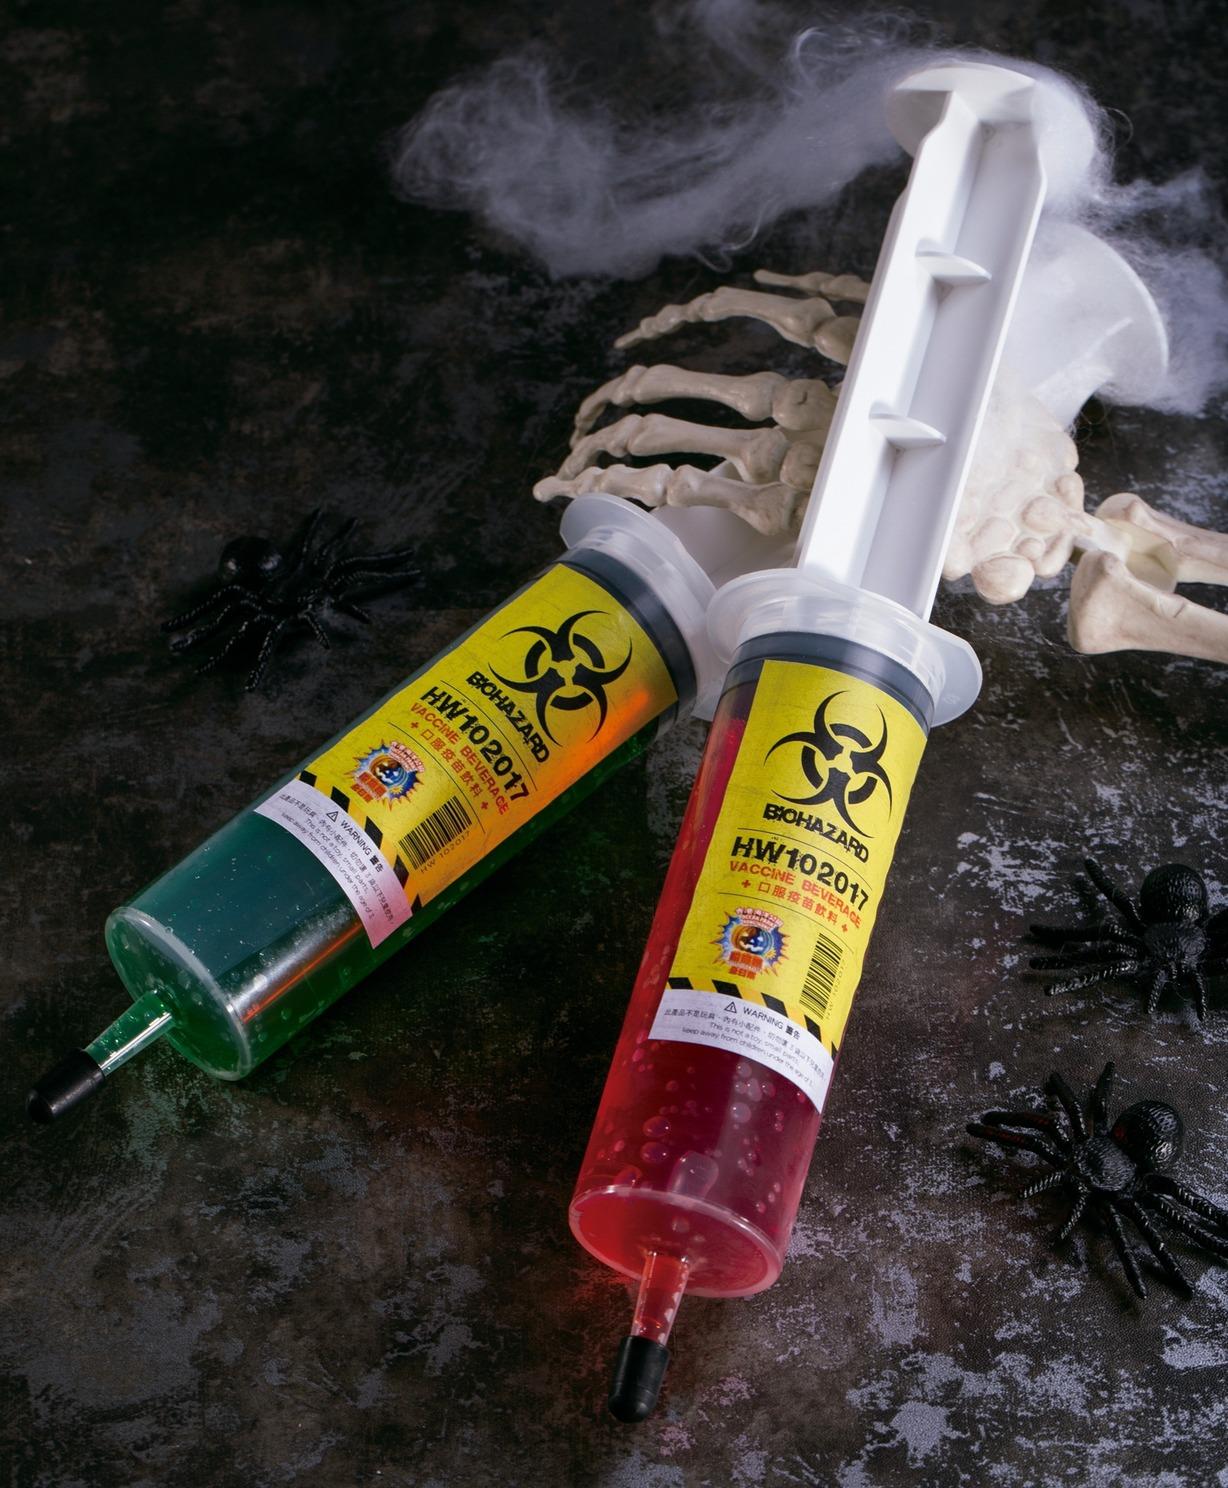 口服疫苗飲料。